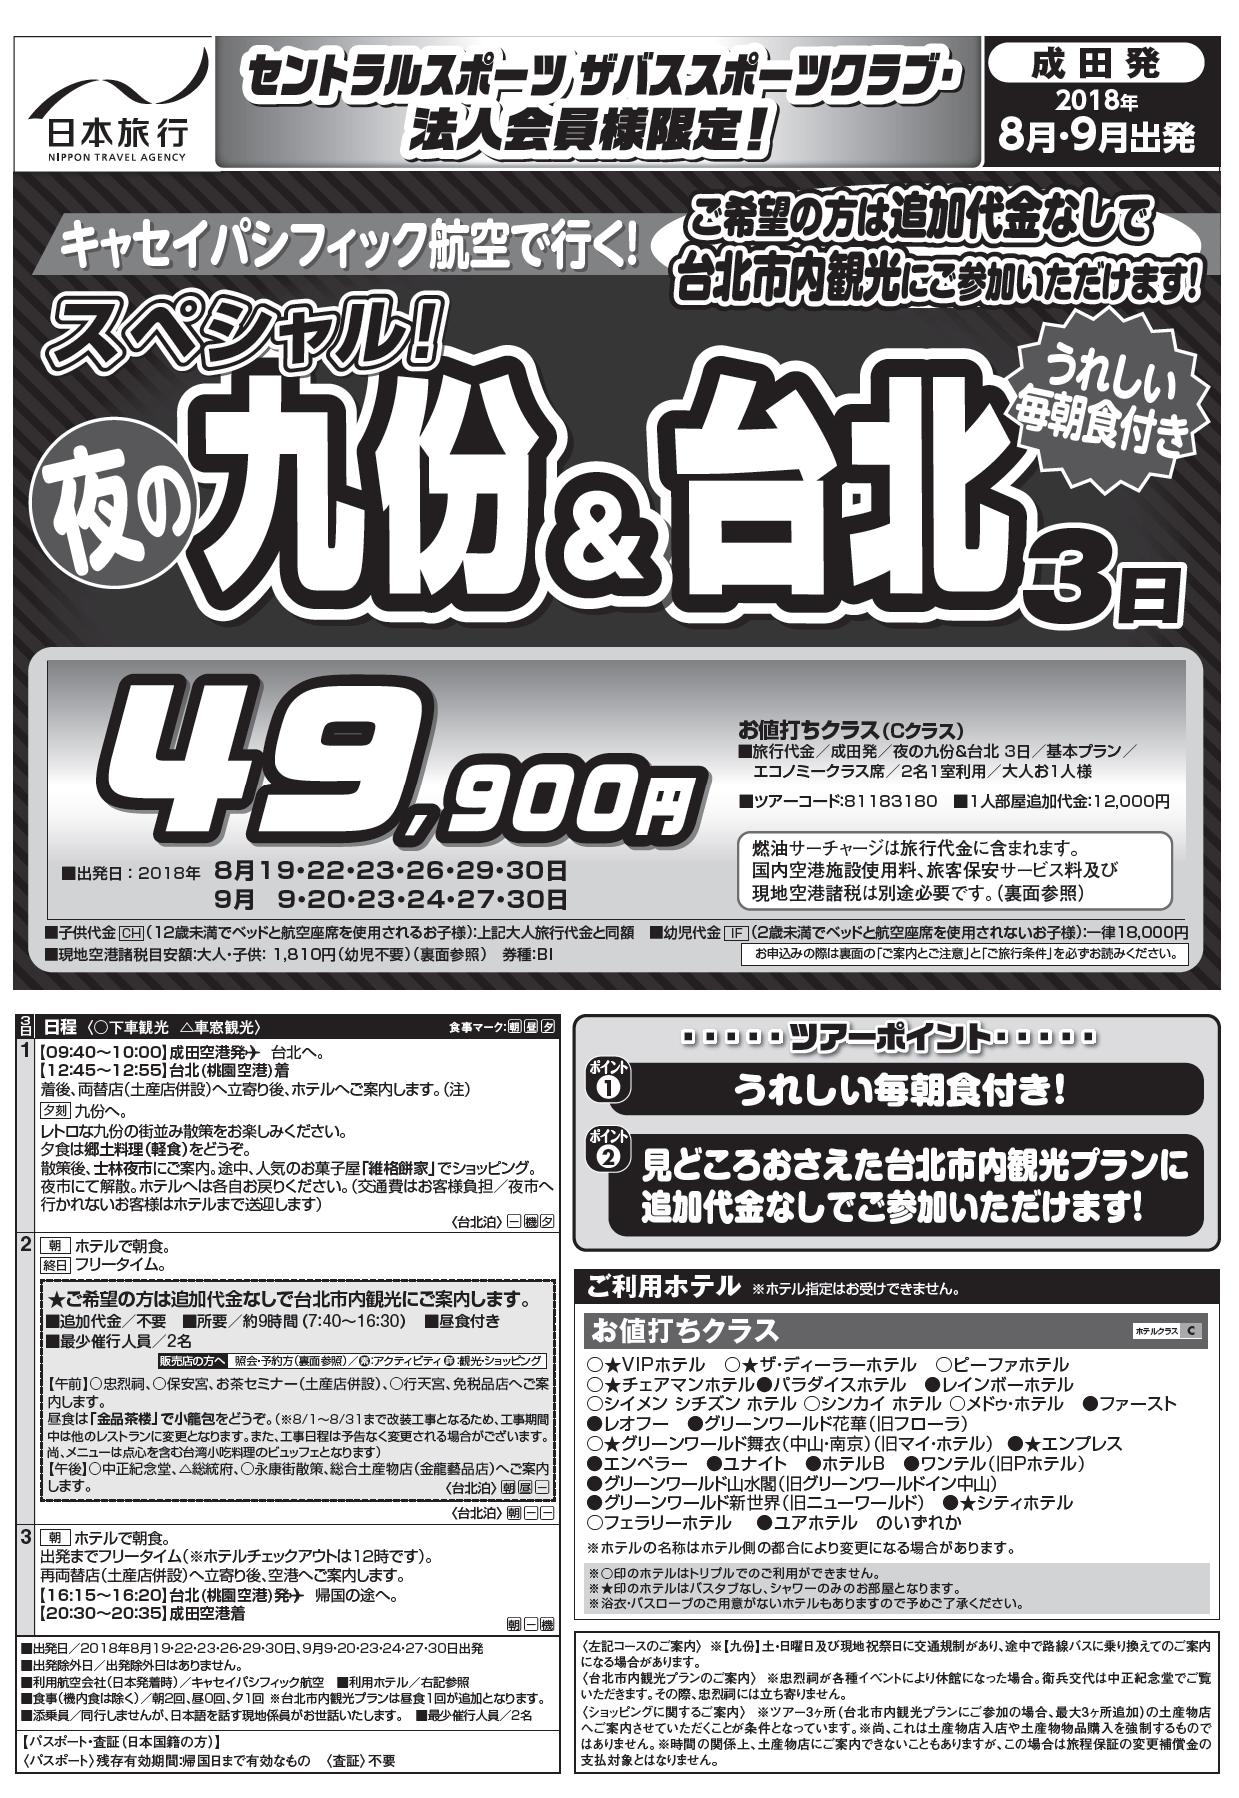 【8月号】会員様限定!スペシャルパッケージツアー